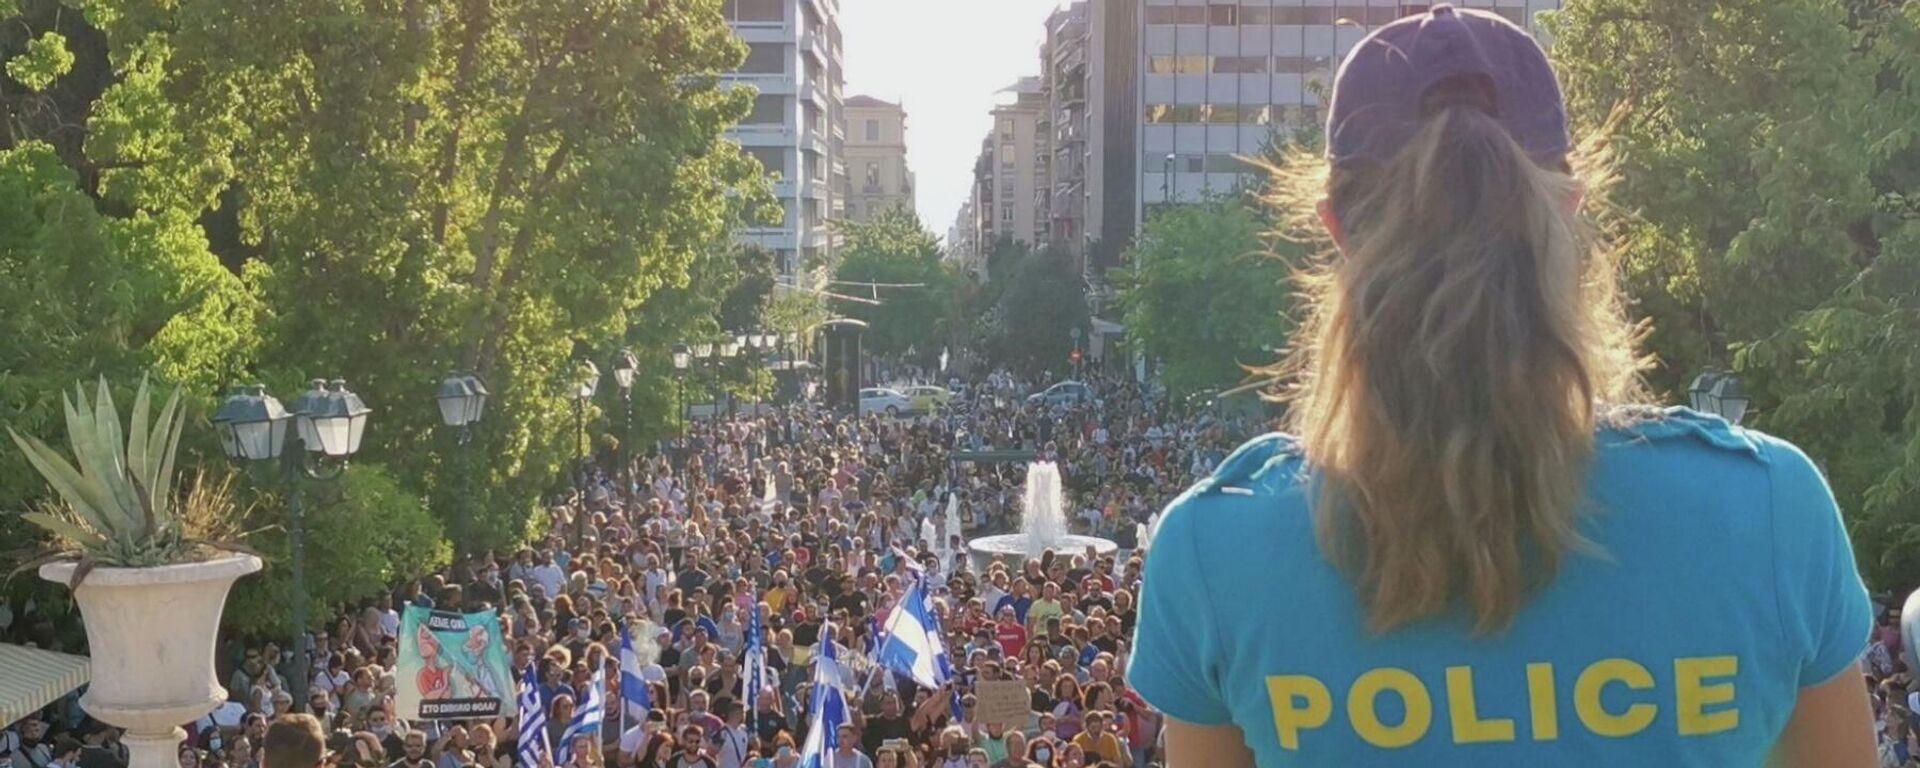 Διαμαρτυρία στην Αθήνα από αντιεμβολιαστές - Sputnik Ελλάδα, 1920, 26.07.2021